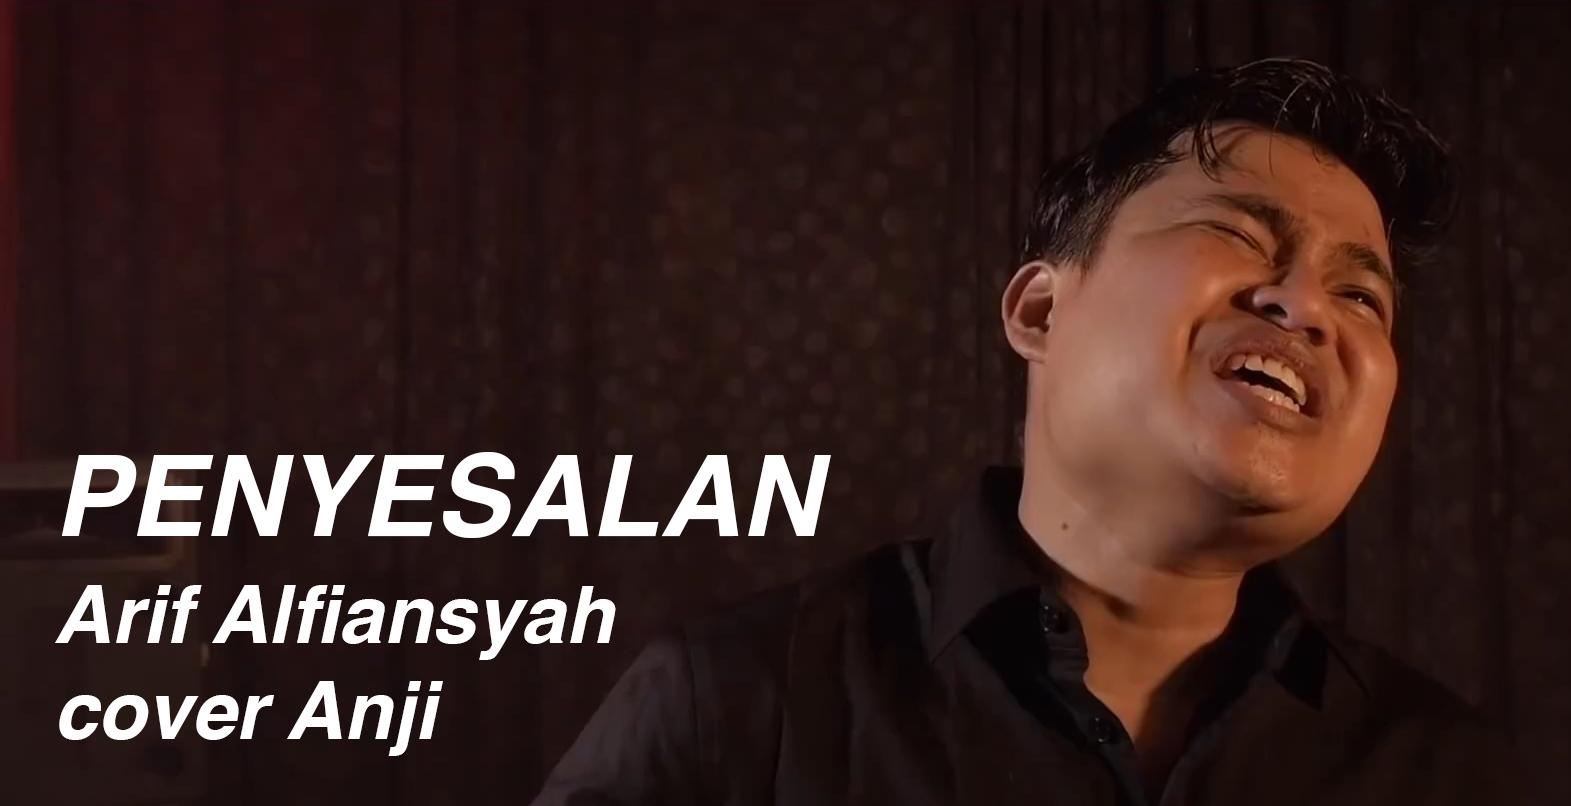 Lagu dan Lirik Penyesalan - Arif Alfiansyah (Anji Cover)